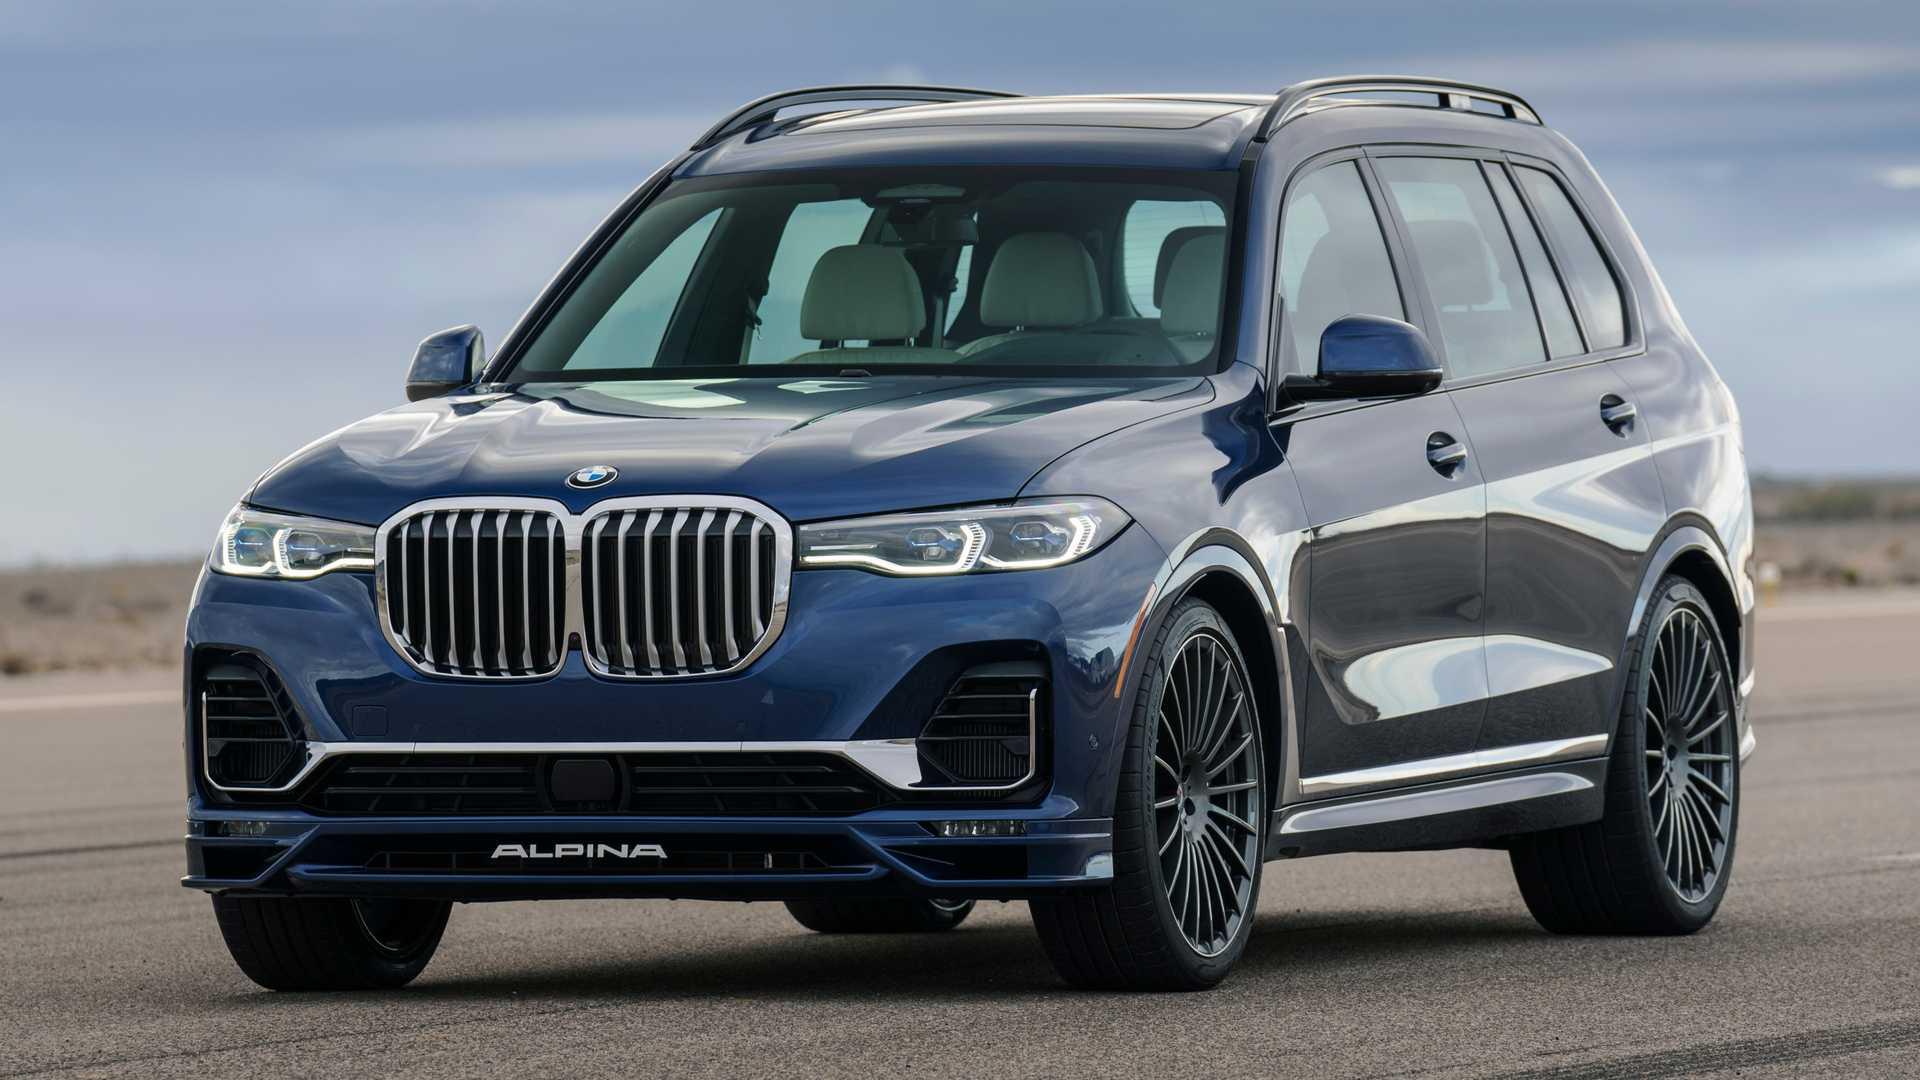 Компания BMW до сих пор не выпустила М-версию своего топового кроссовера X7. Ателье Alpina решило занять пустую нишу и представило модель XB7.